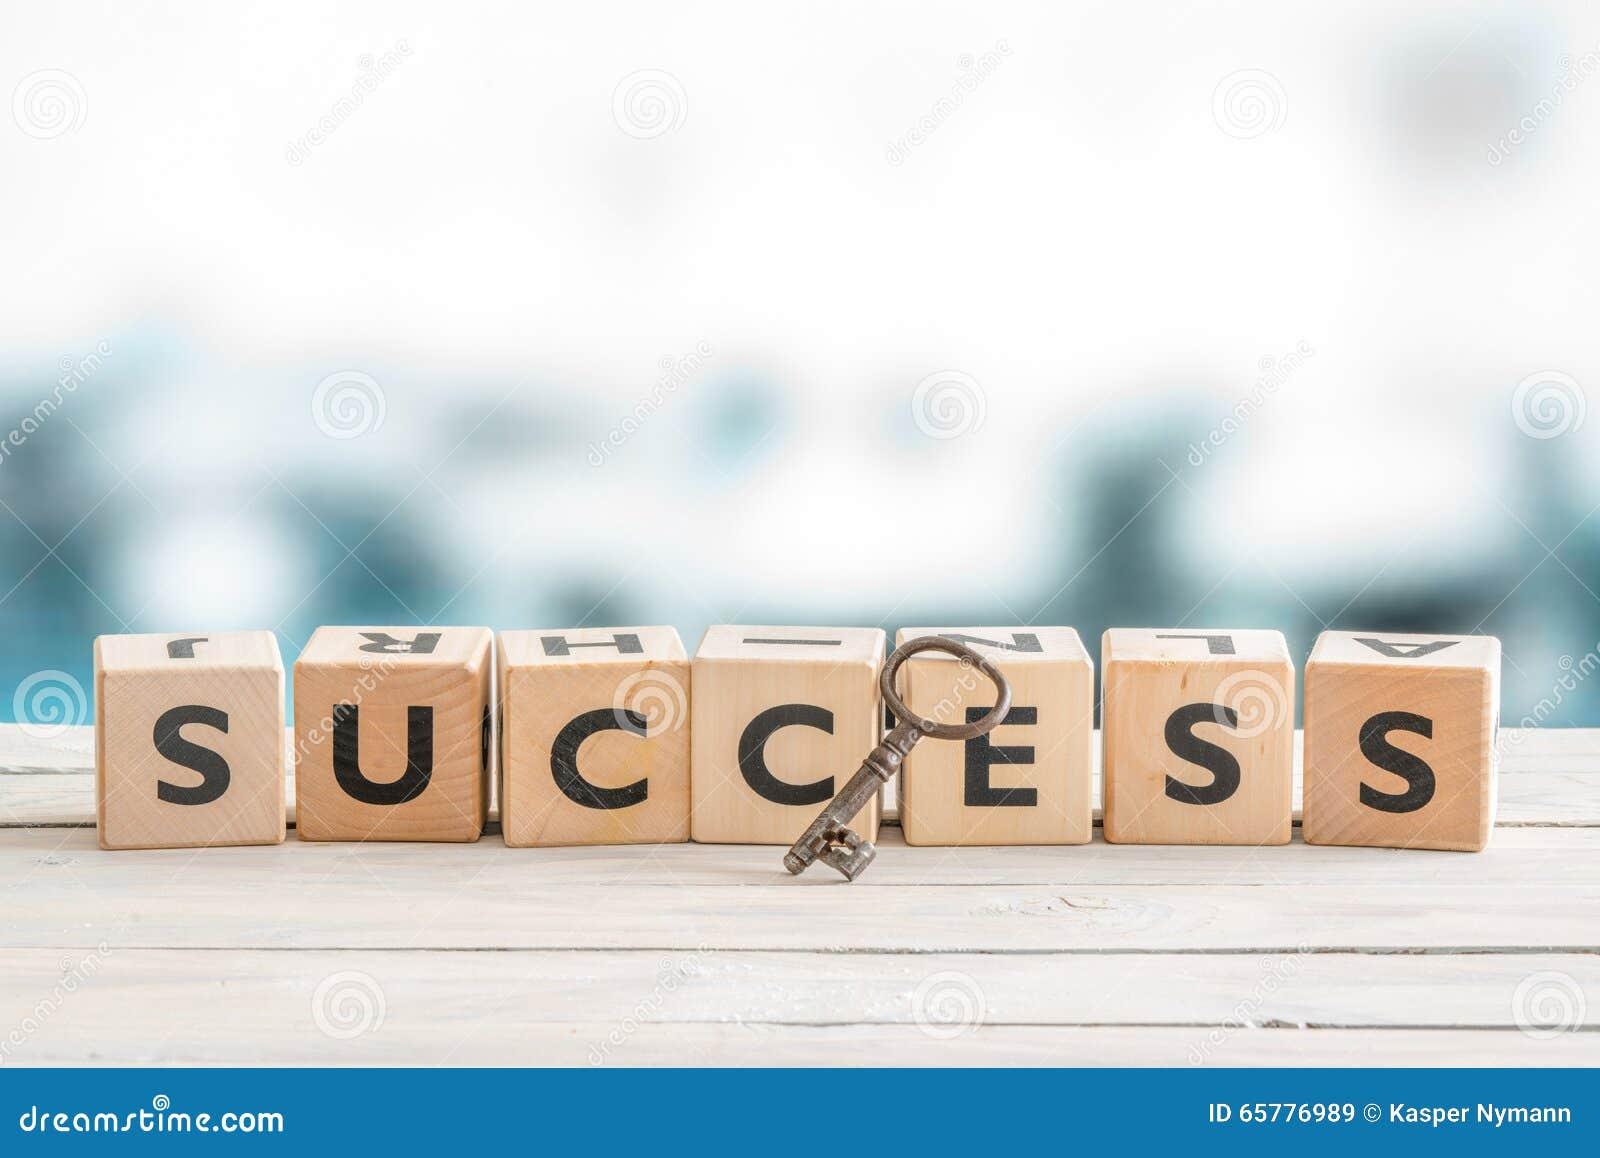 Sleutel tot succes op een lijst